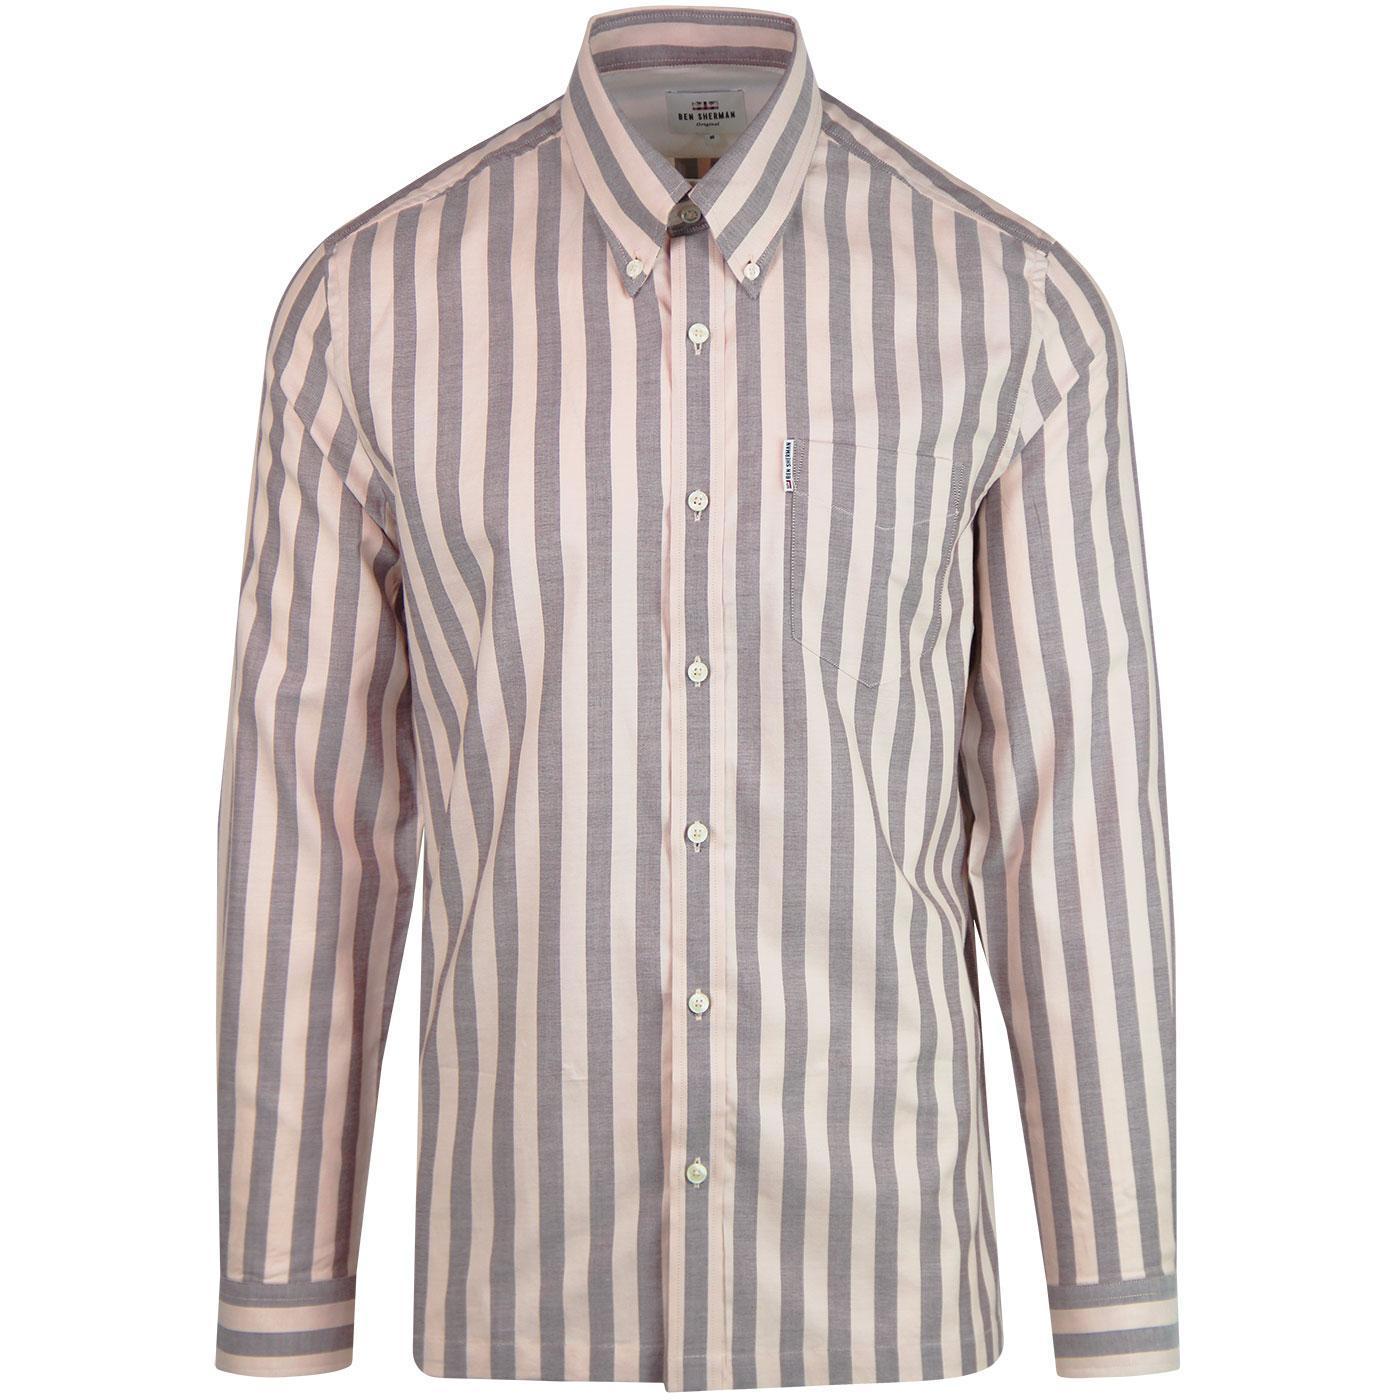 BEN SHERMAN Ivy Oxford Stripe Mod L/S Shirt (LP)